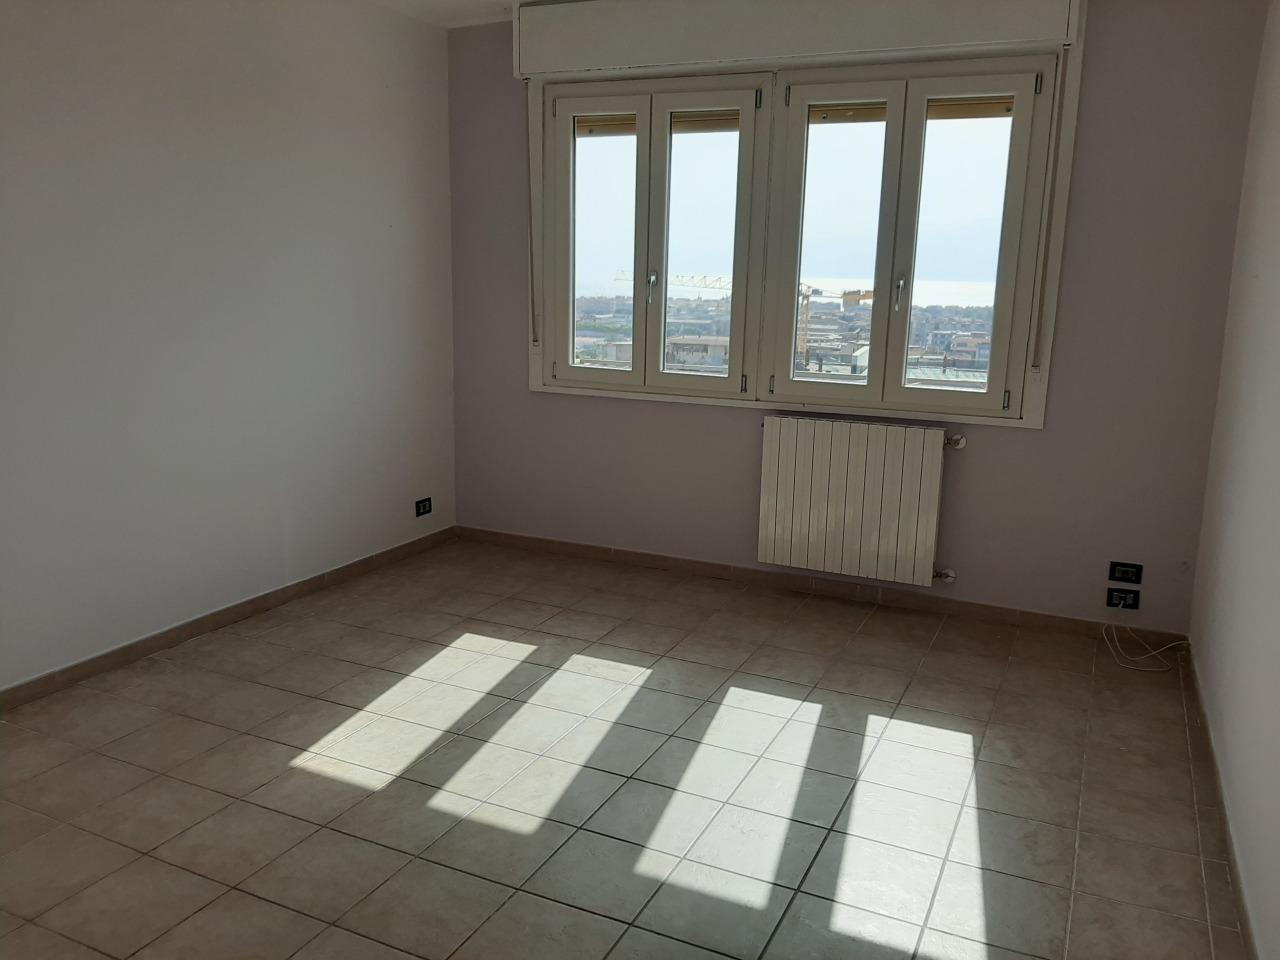 Appartamento in affitto a Reggio Calabria, 3 locali, prezzo € 350 | CambioCasa.it